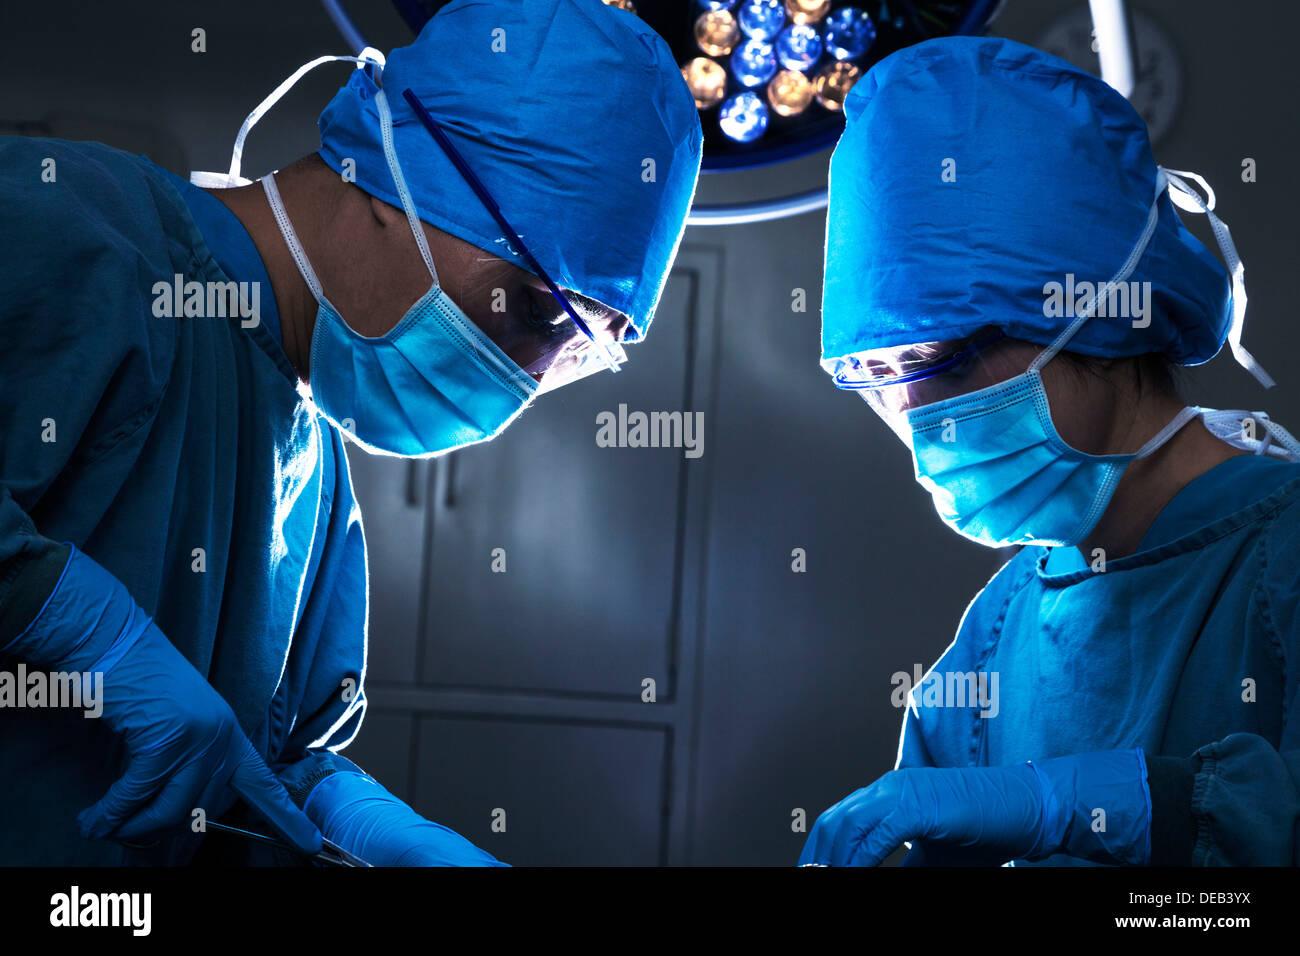 Dos cirujanos mirando hacia abajo, el trabajo y concentrarse en la mesa de operaciones Foto de stock